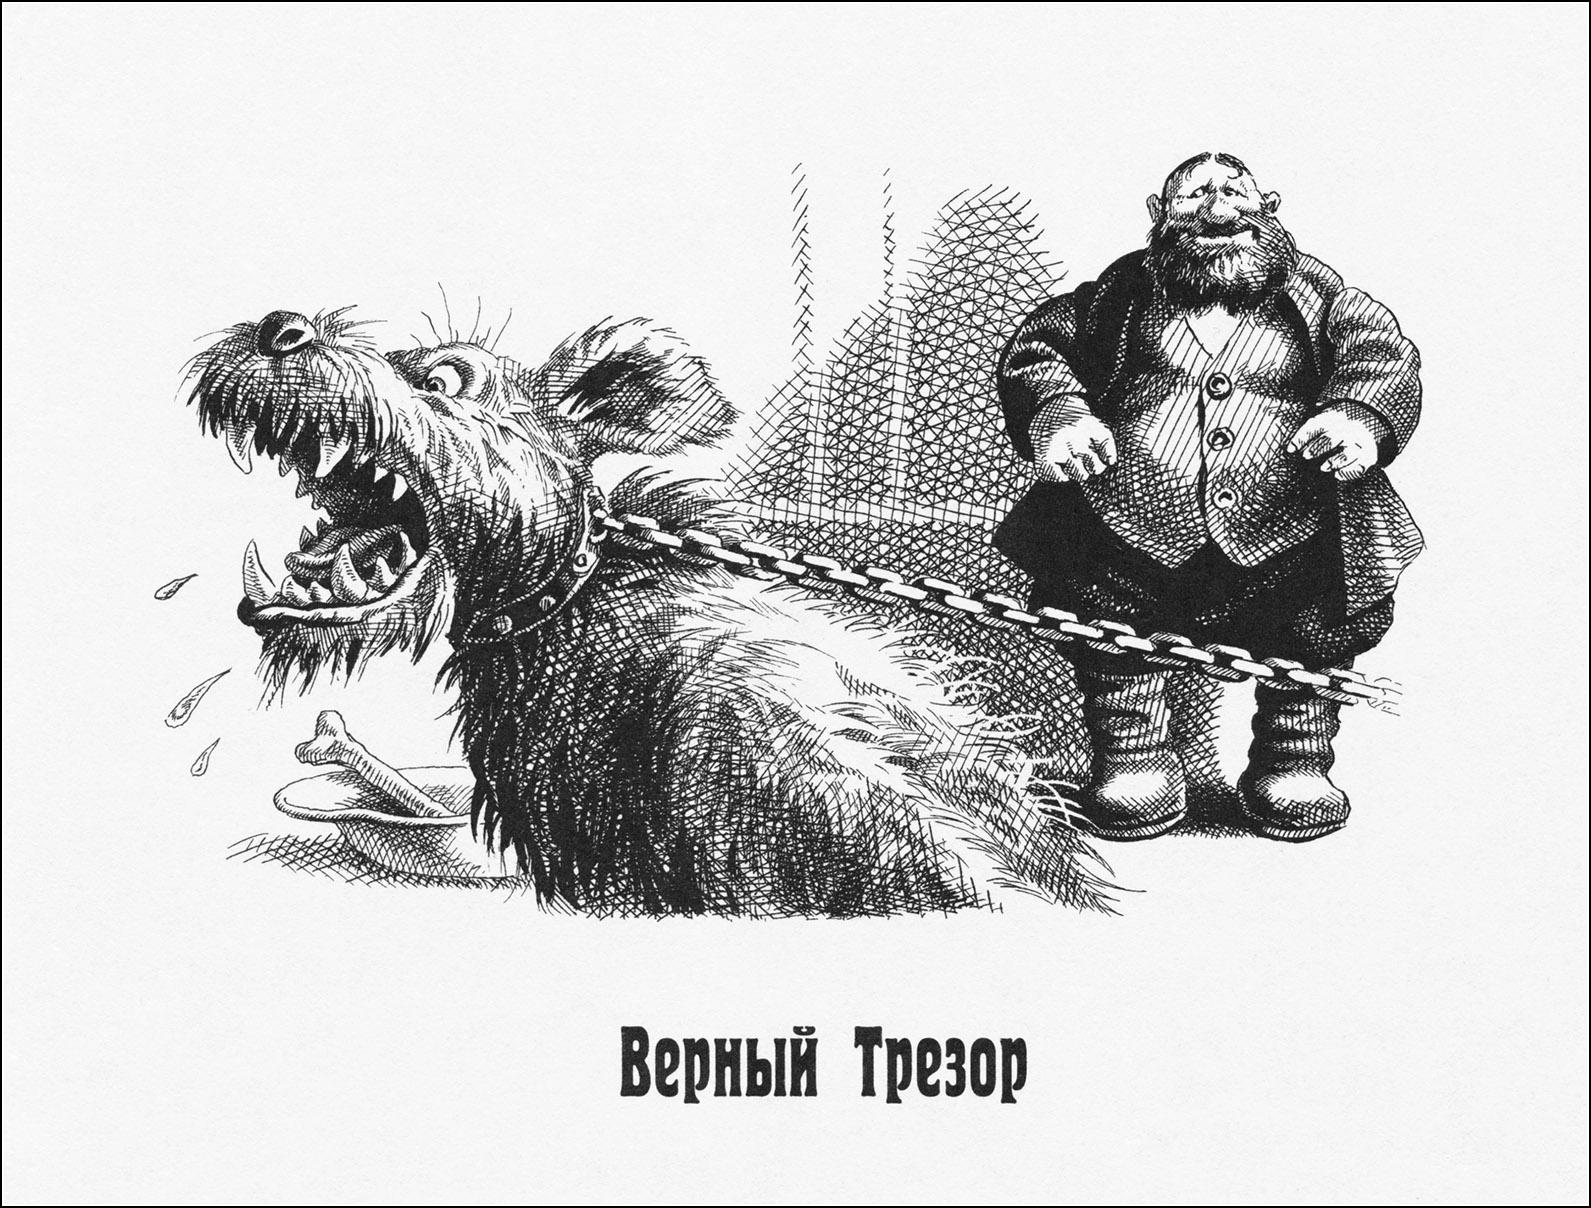 Картинки по произведениям салтыкова-щедрина